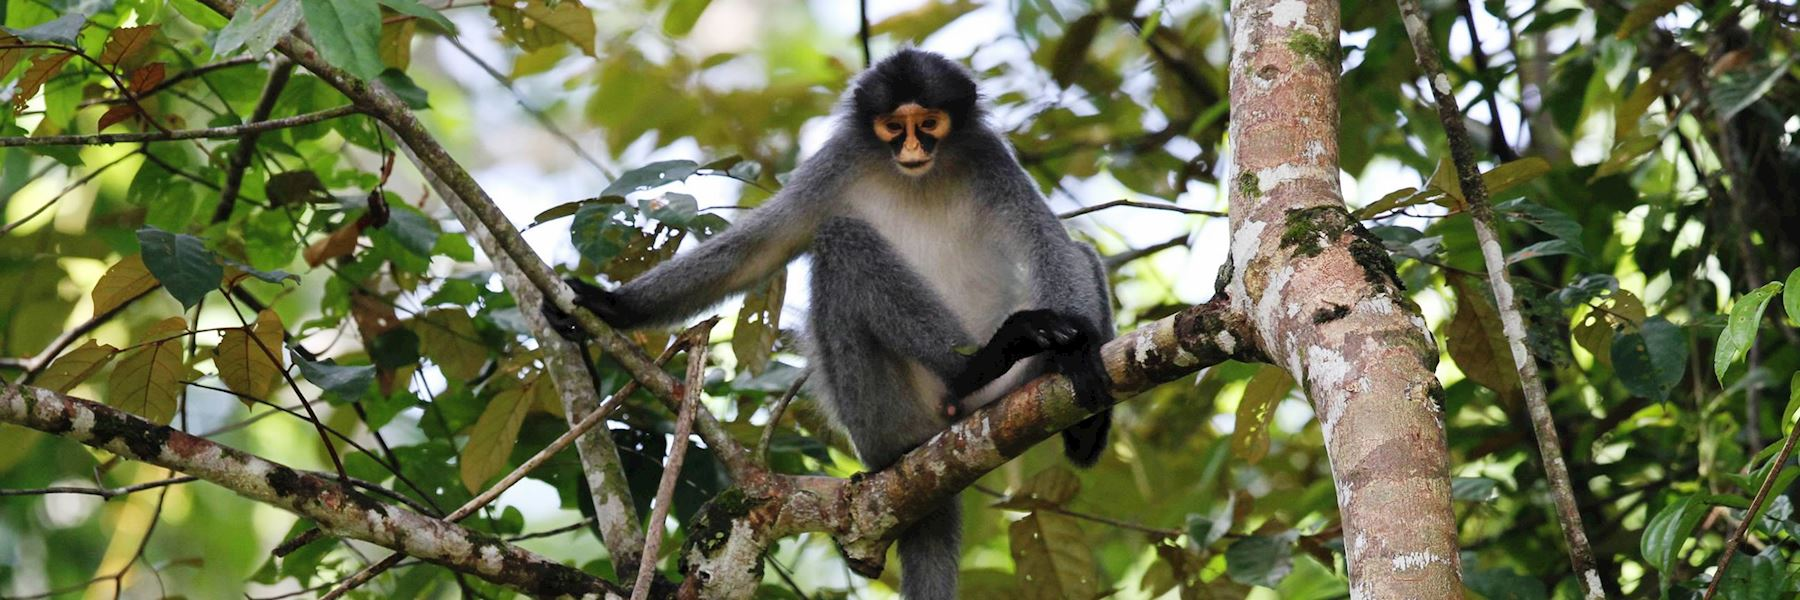 Visit Deramakot Forest Reserve, Borneo